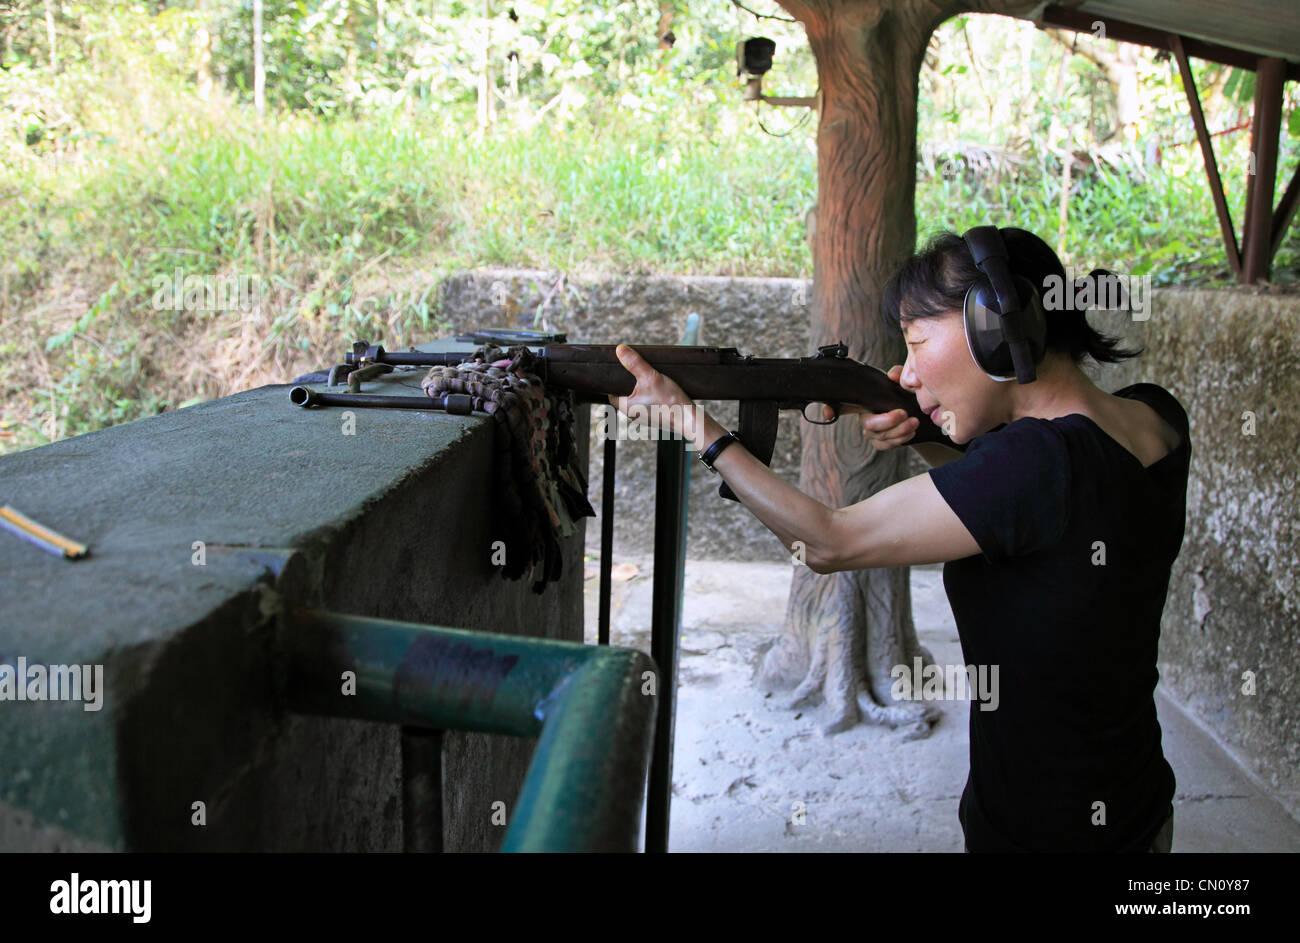 Touristischen Aufnahmen scharfer Munition aus einem Gewehr, Tay Ninh Provinz, Vietnam Stockbild